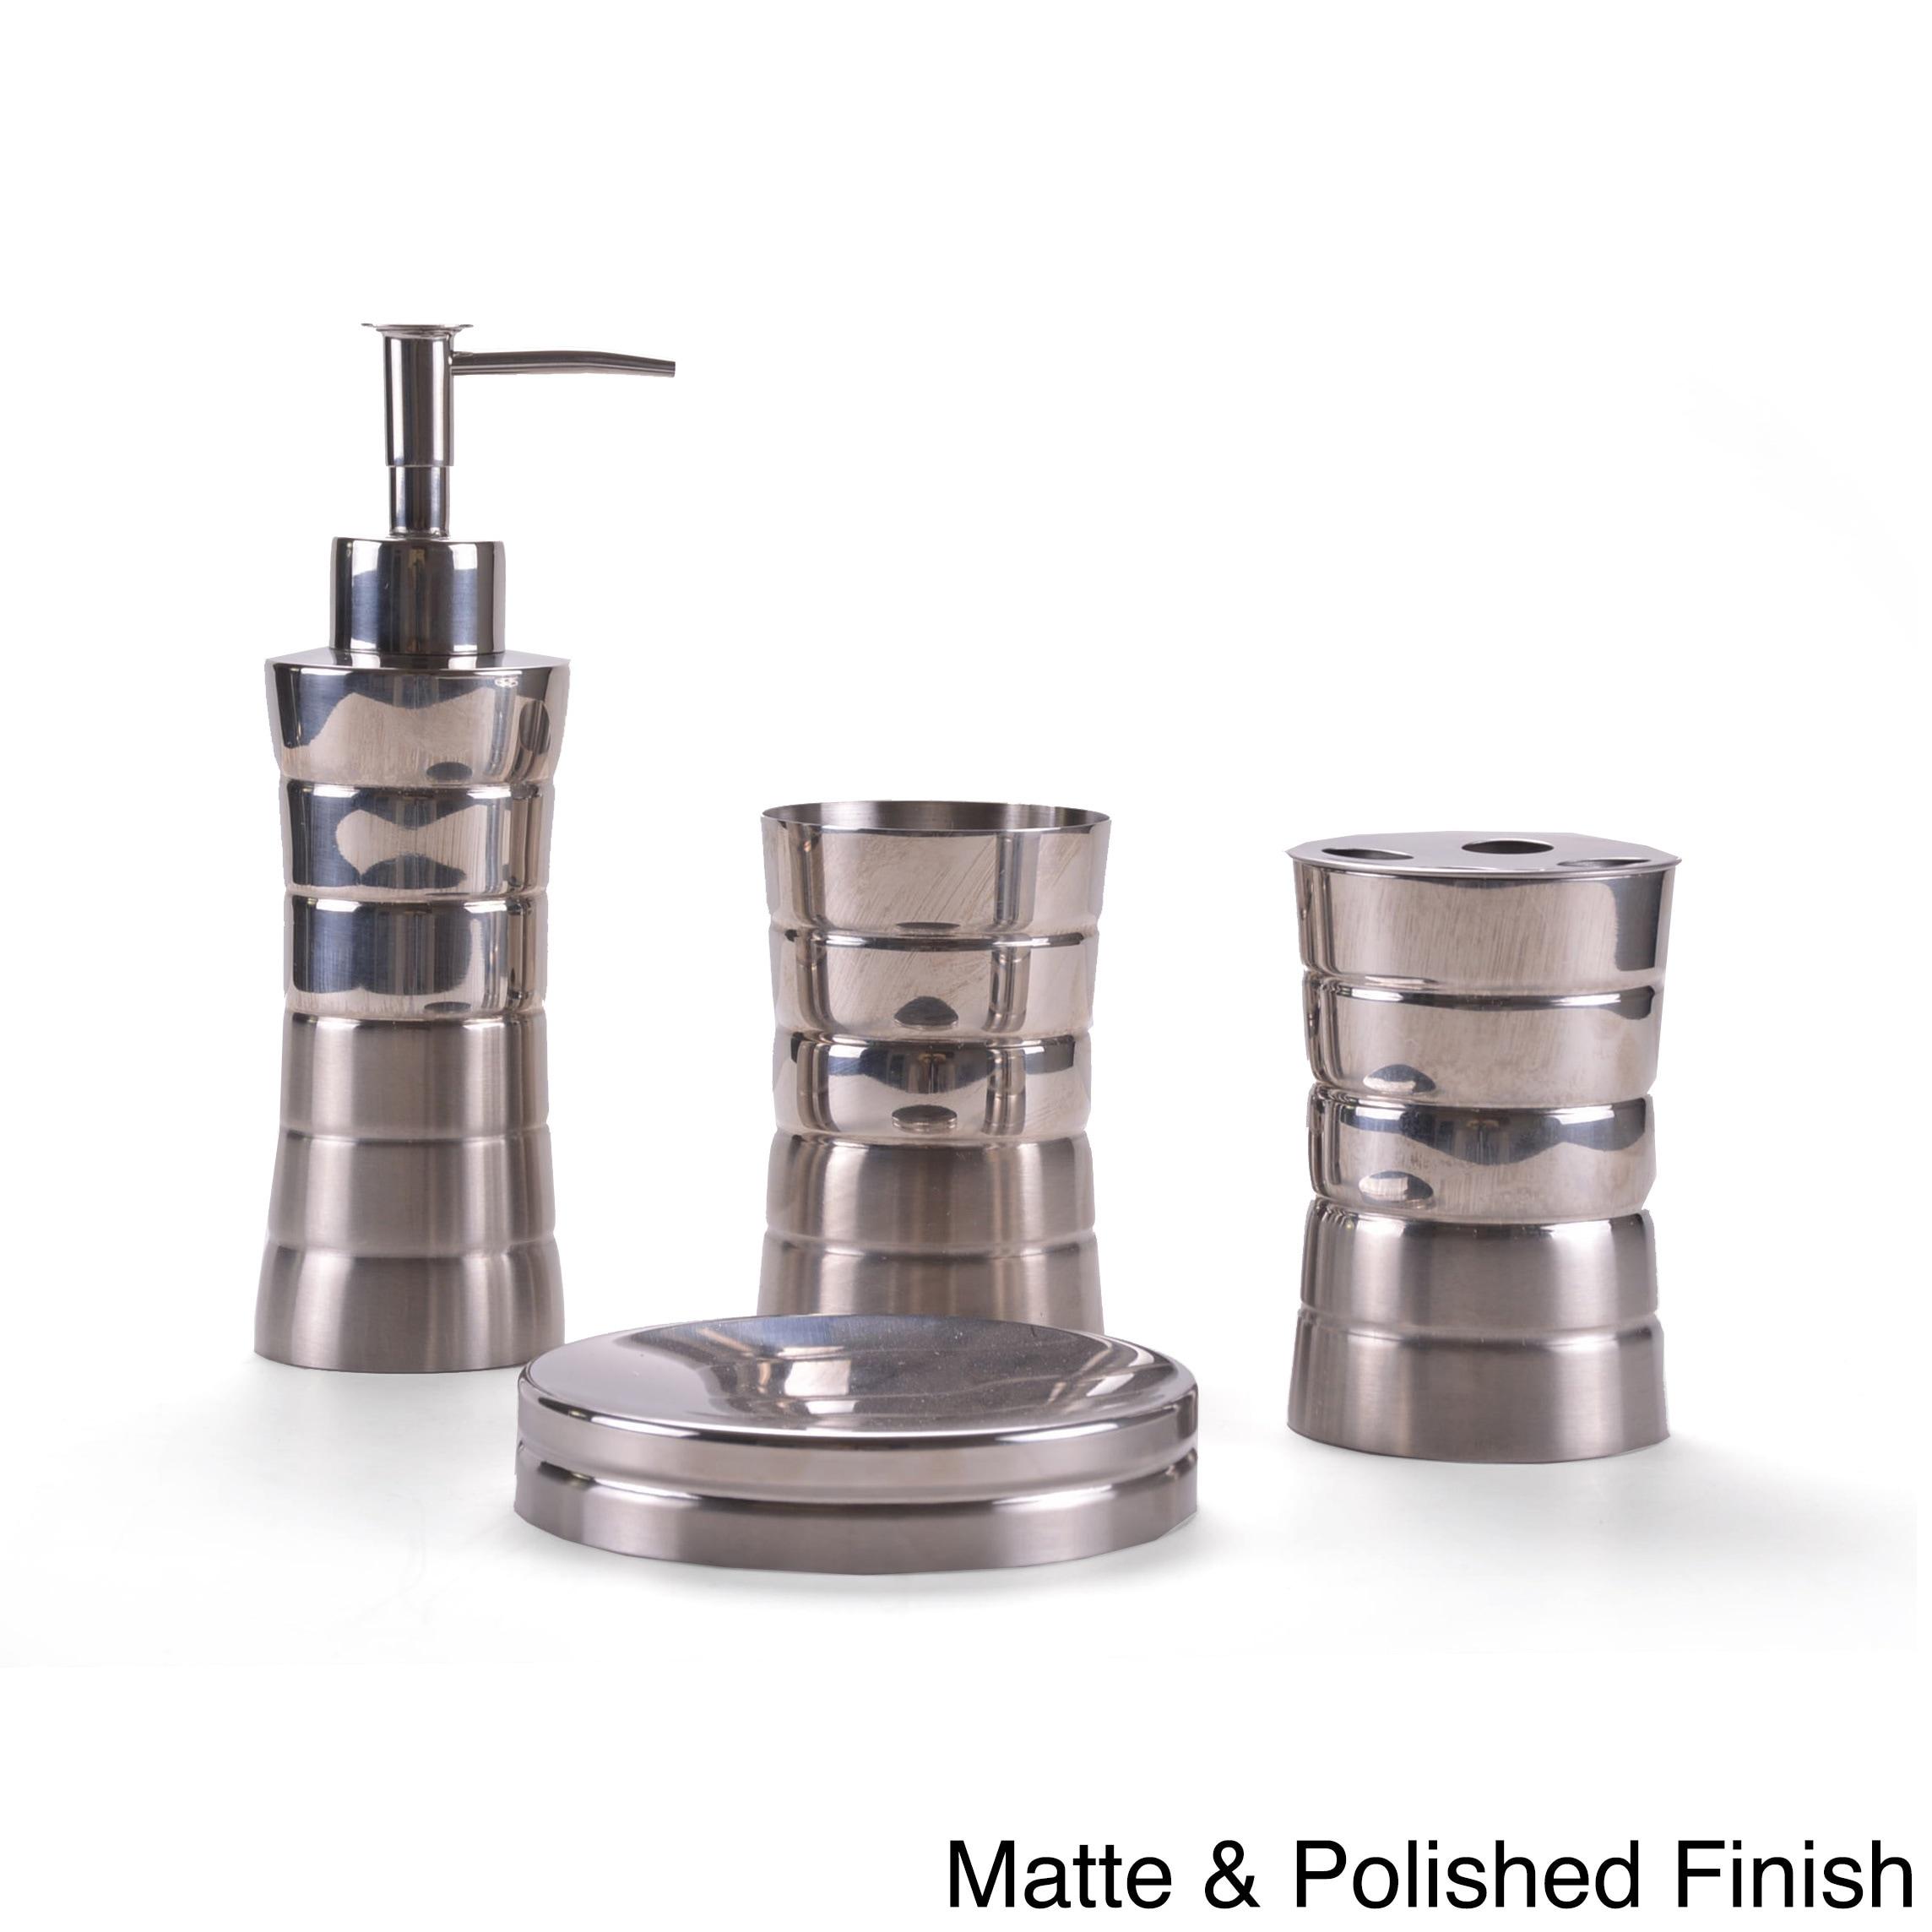 Enterprises Stainless Steel Bath Accessory 4-piece Set (P...